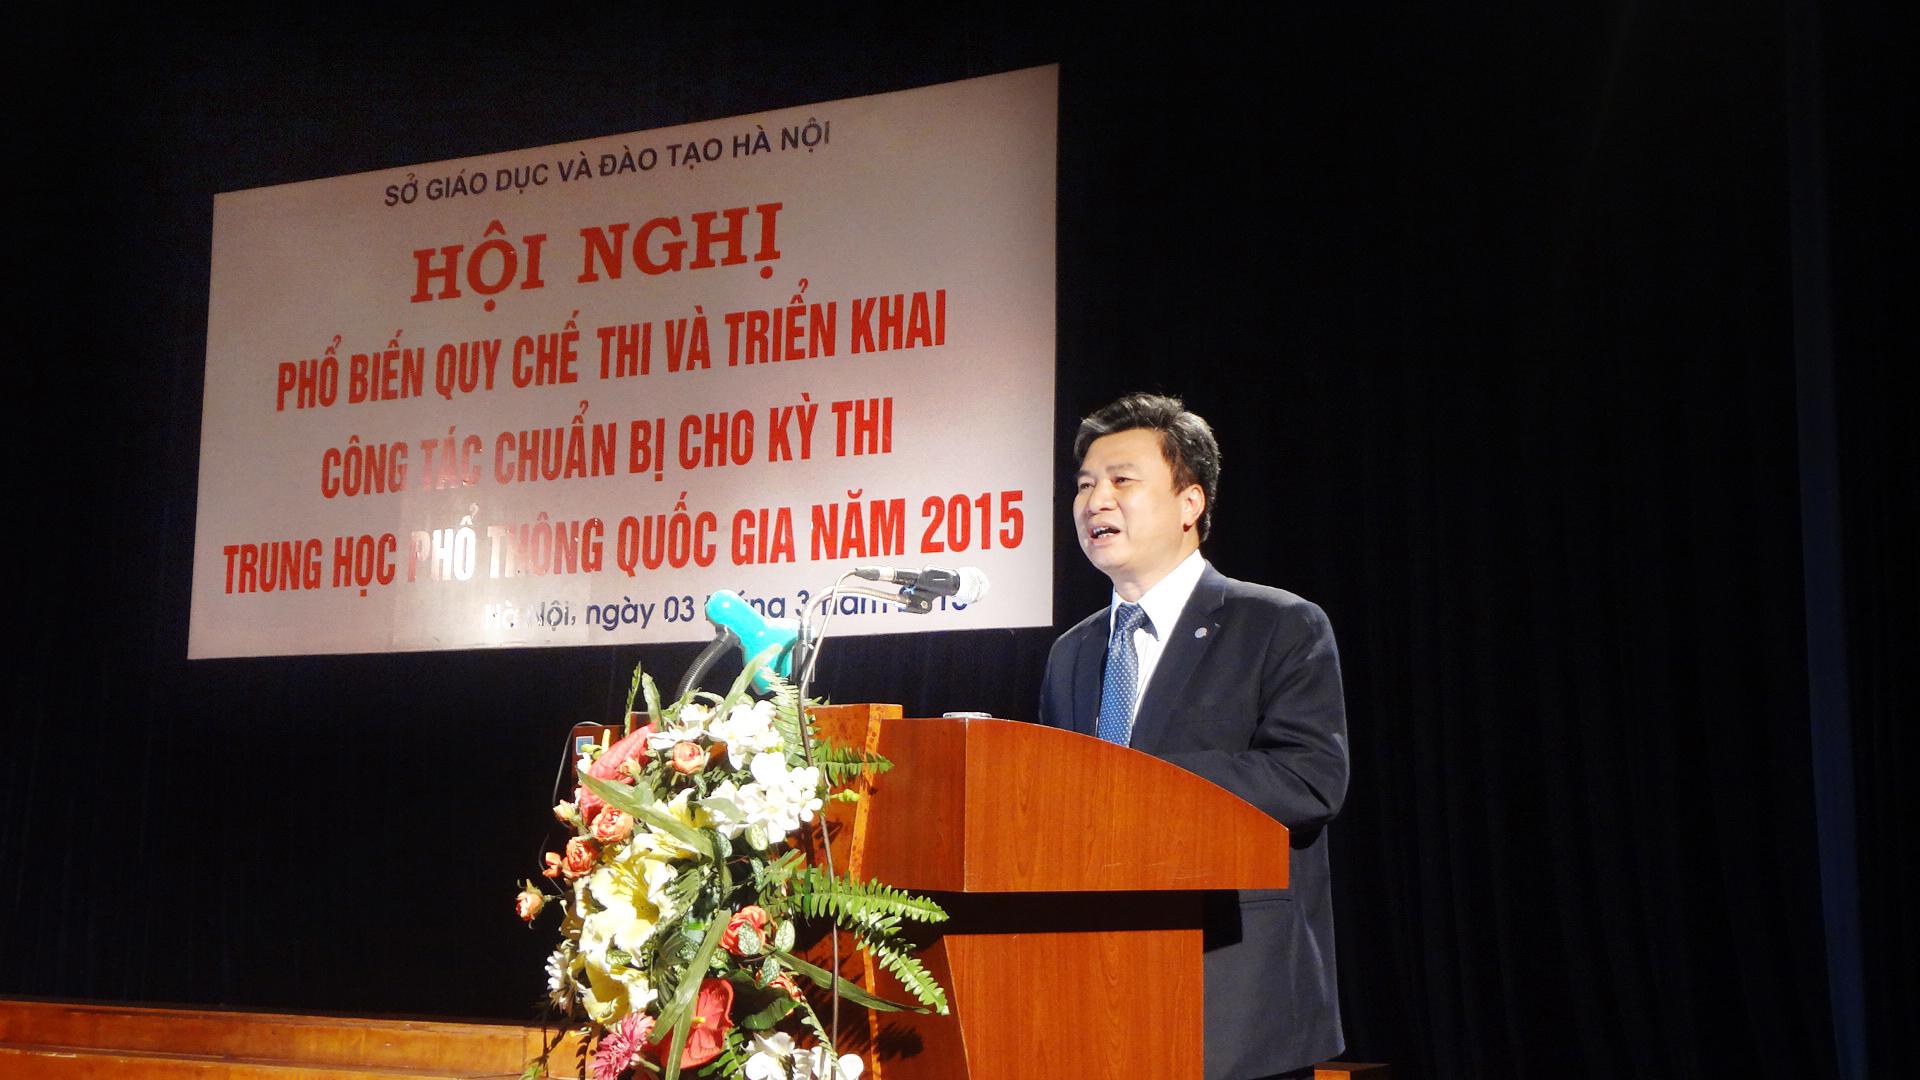 Ngành GD&ĐT Hà Nội phổ biến quy chế thi THPT quốc gia 2015